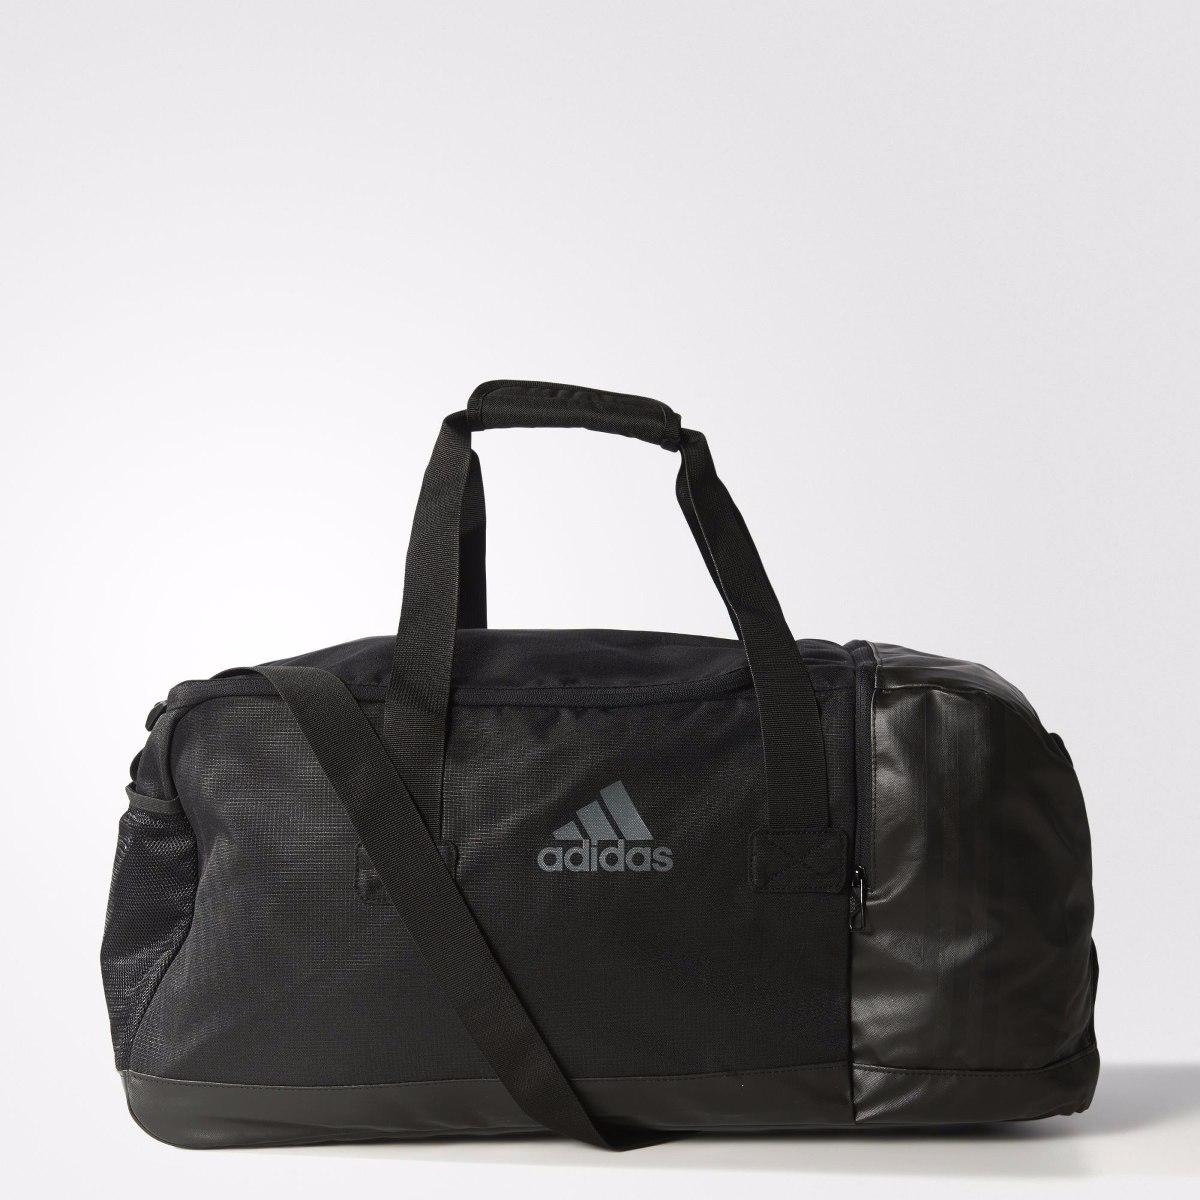 M Tb Aj9993 Deportes 3s Bolso Per Sagat Adidas mgfIY7yvb6